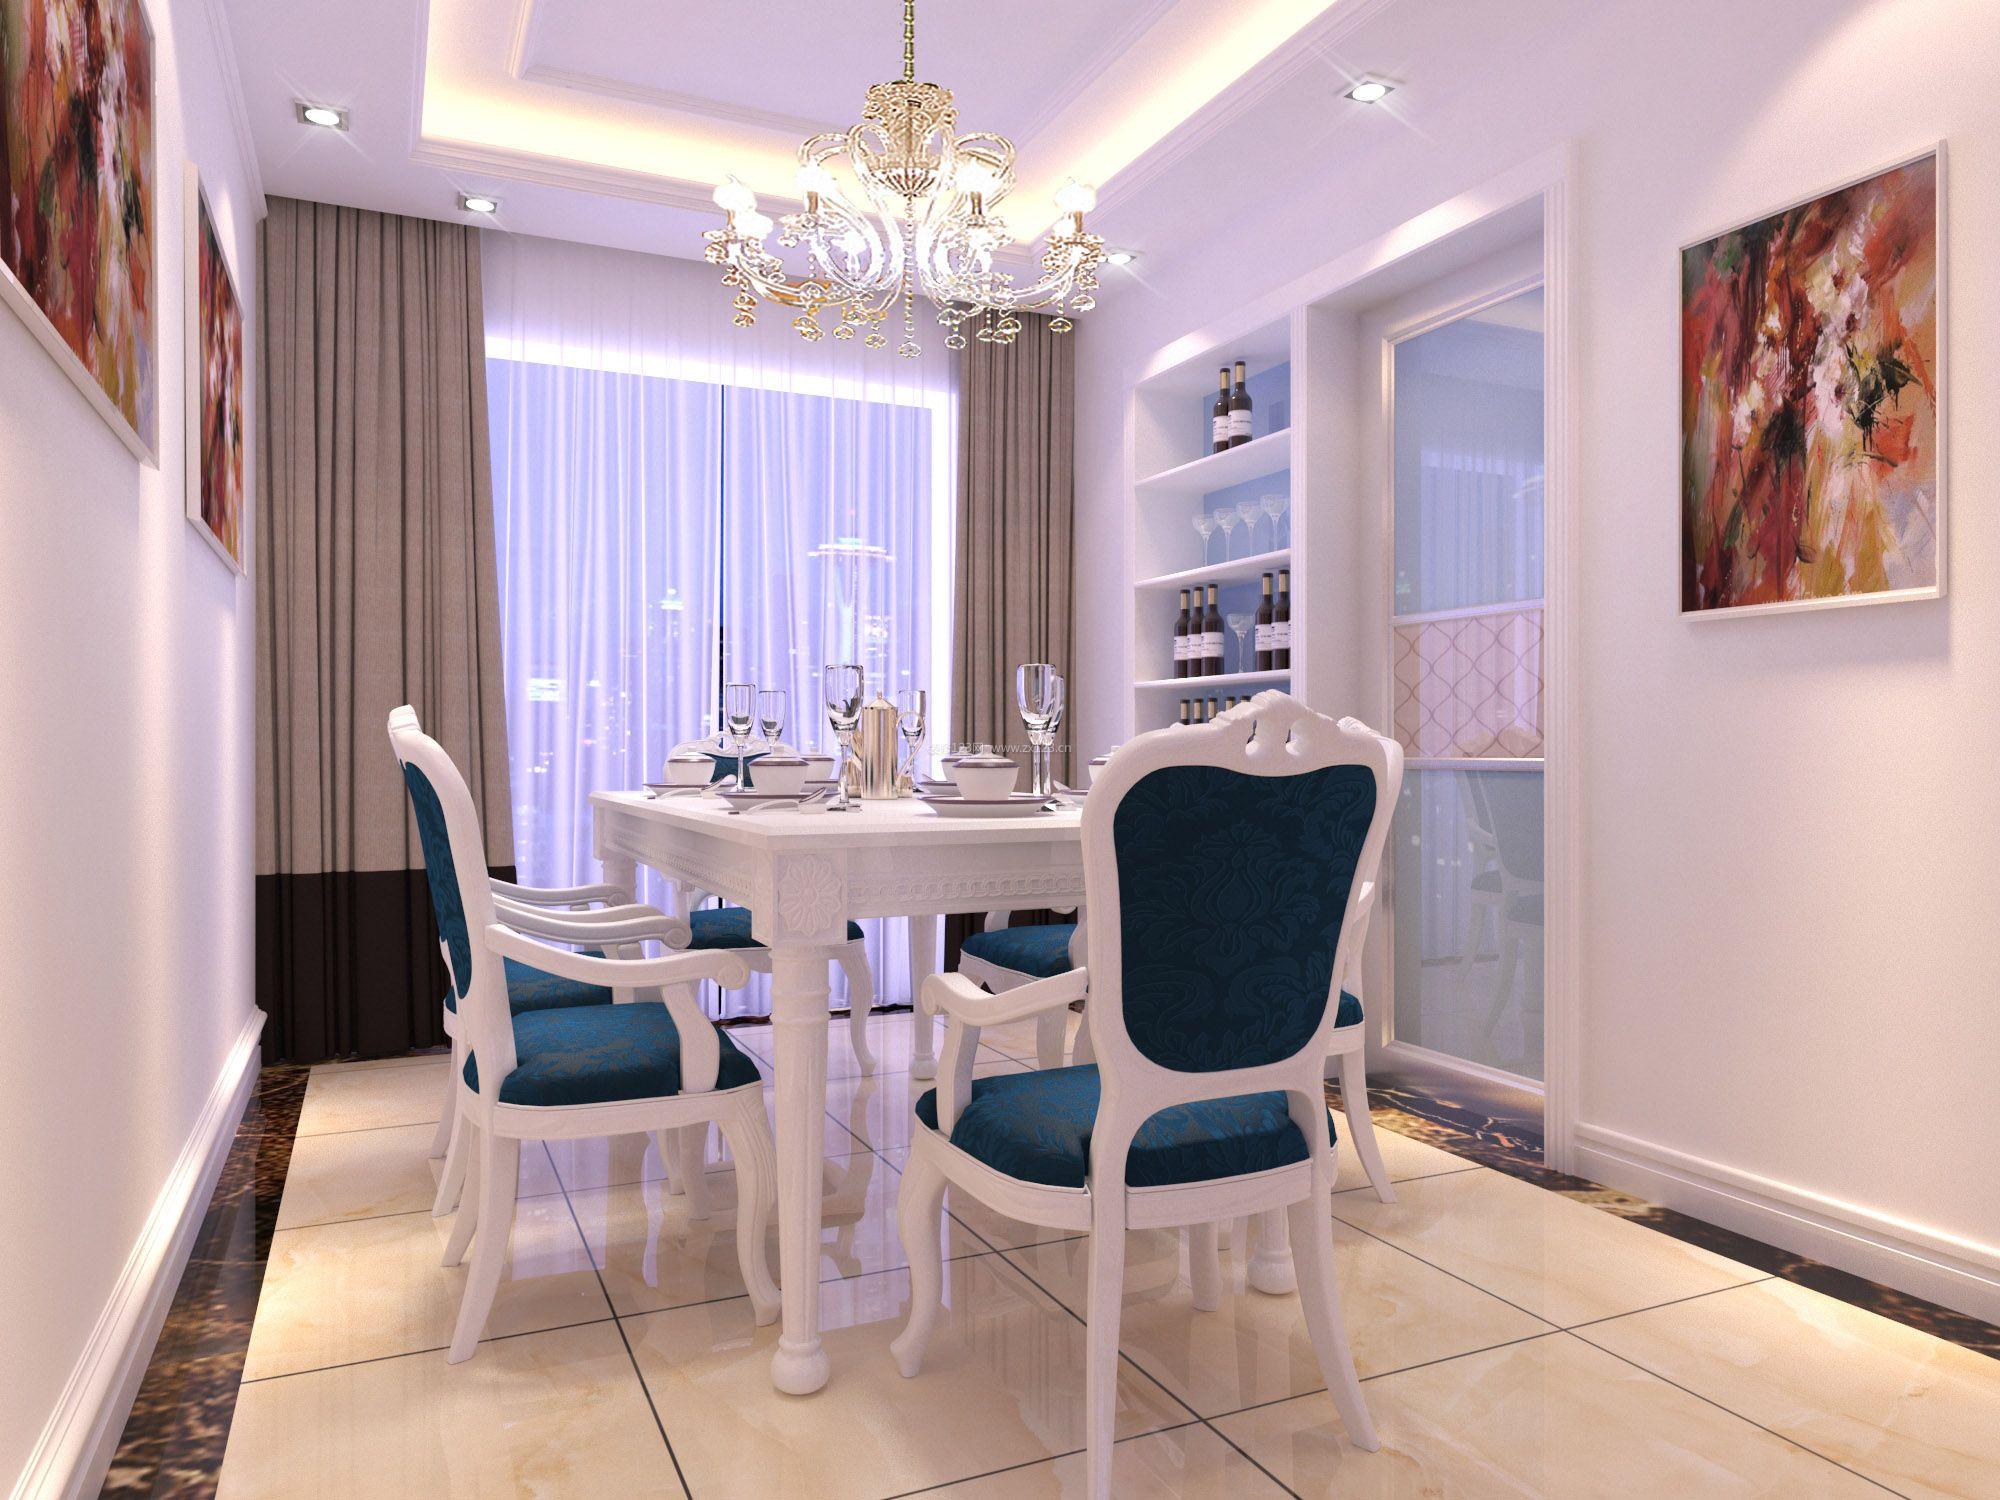 2017简欧家庭室内装修餐厅装饰效果图图片